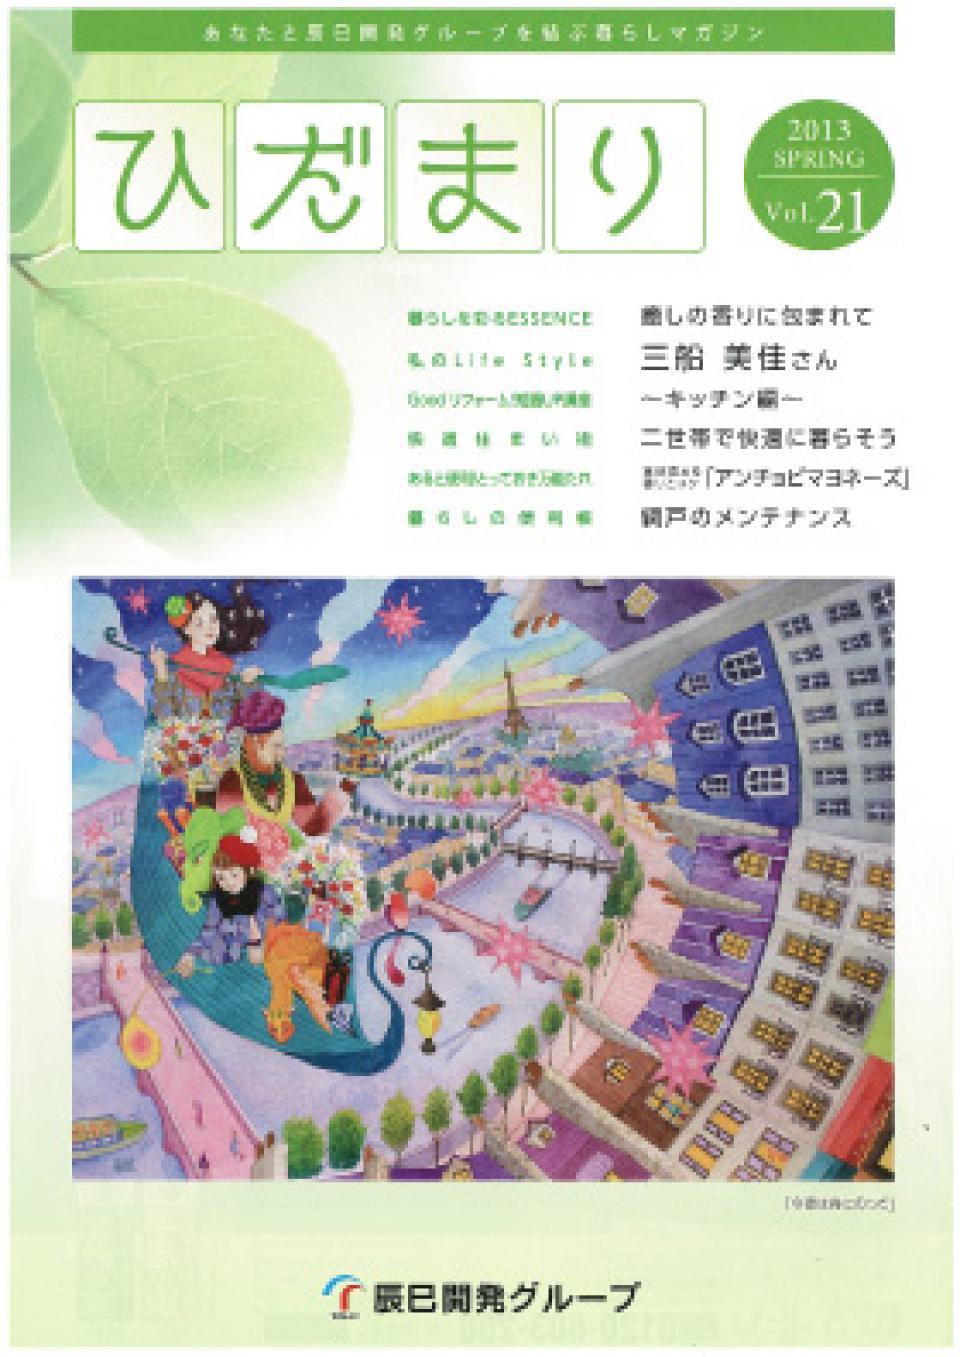 ひだまり 2013 Spring vol.21